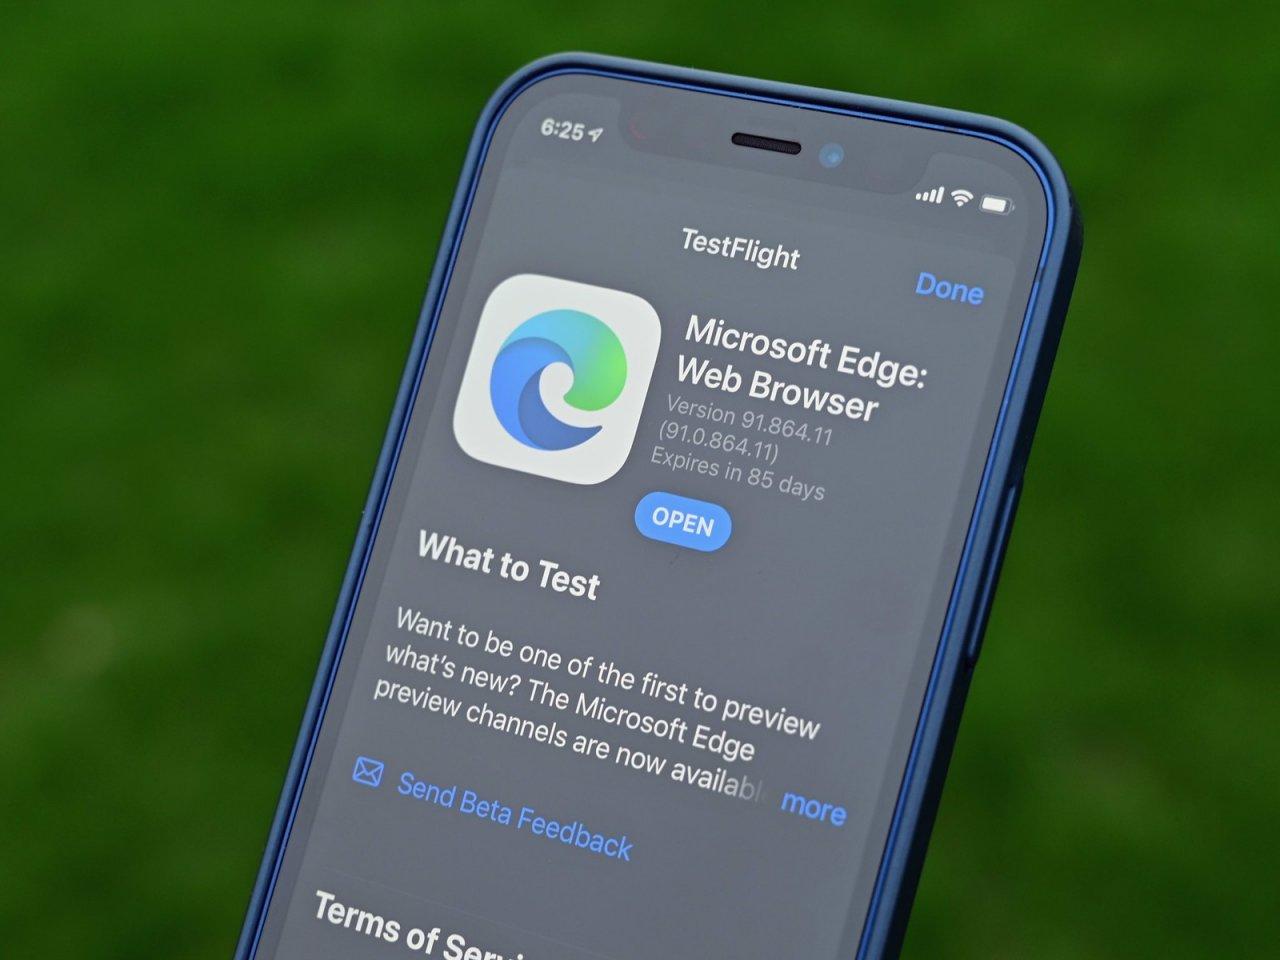 Microsoft выпустила Edge Beta 91 для iOS с унифицированной кодовой базой